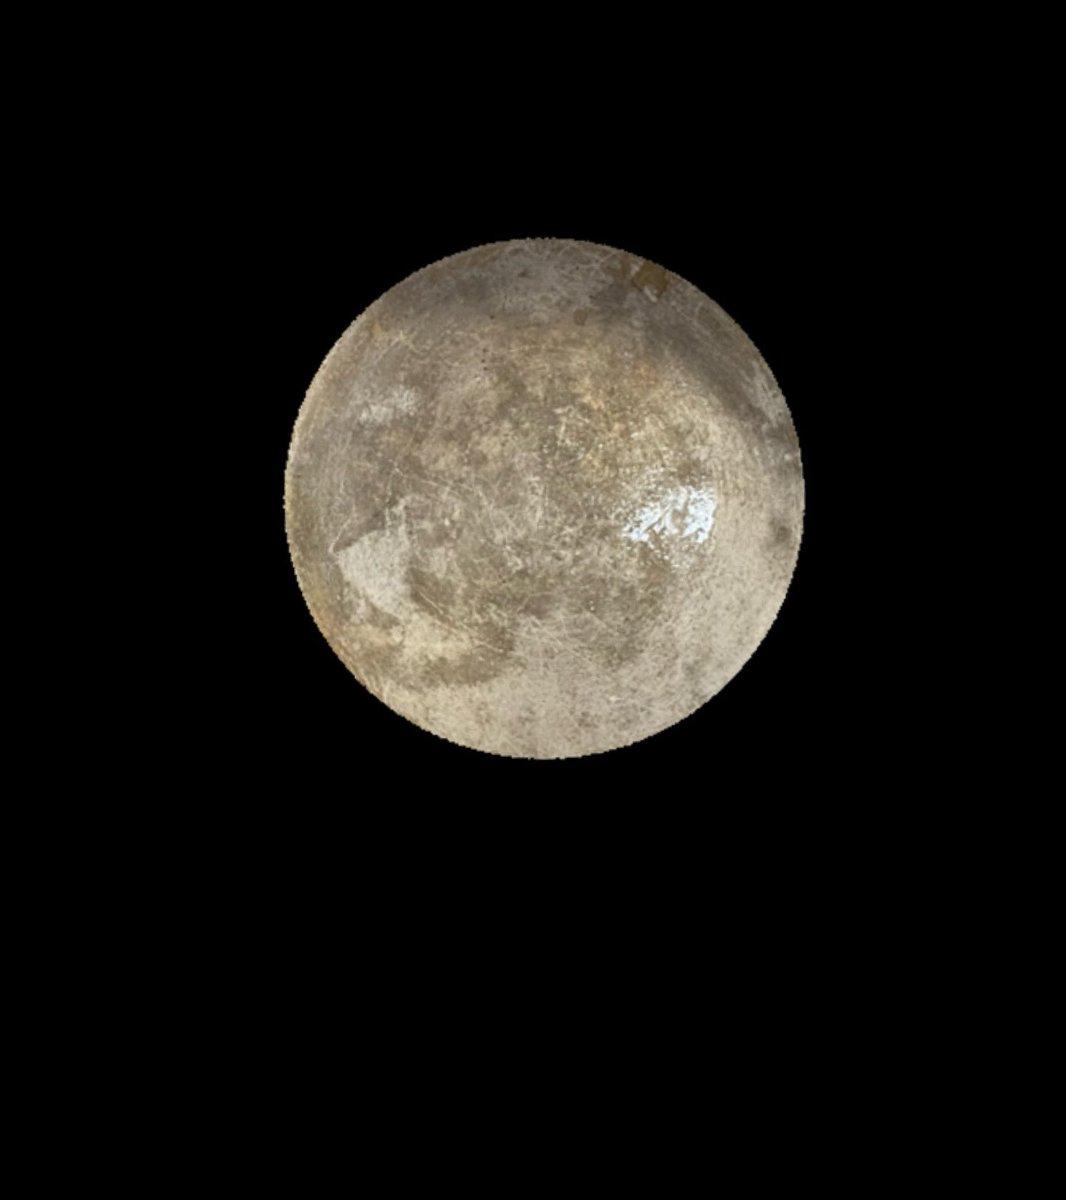 鍋の底で出来た月がめちゃくちゃ綺麗すぎるんだが‼